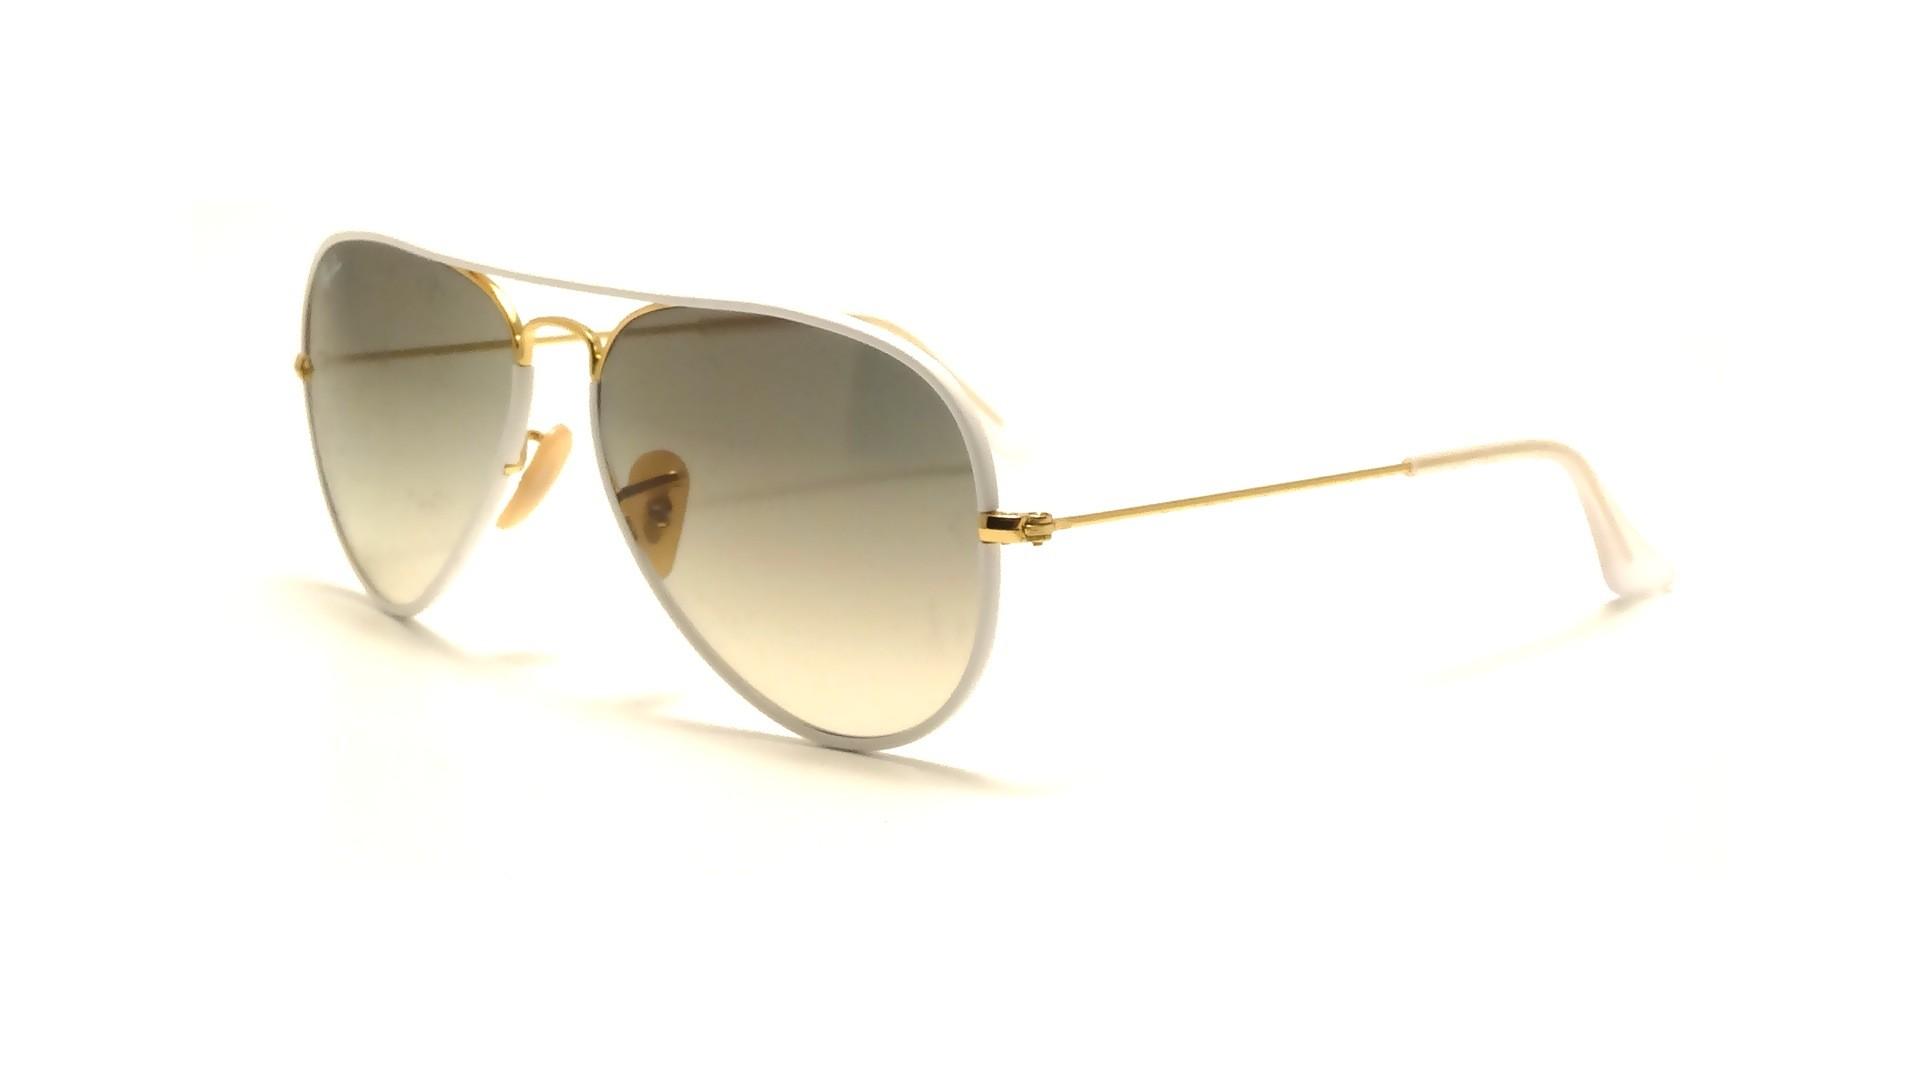 ab7df7209bc Sonnenbrillen Ray-Ban Aviator Full Color Weiß RB3025JM 146 32 58-14 Breit  Gradient Gläser